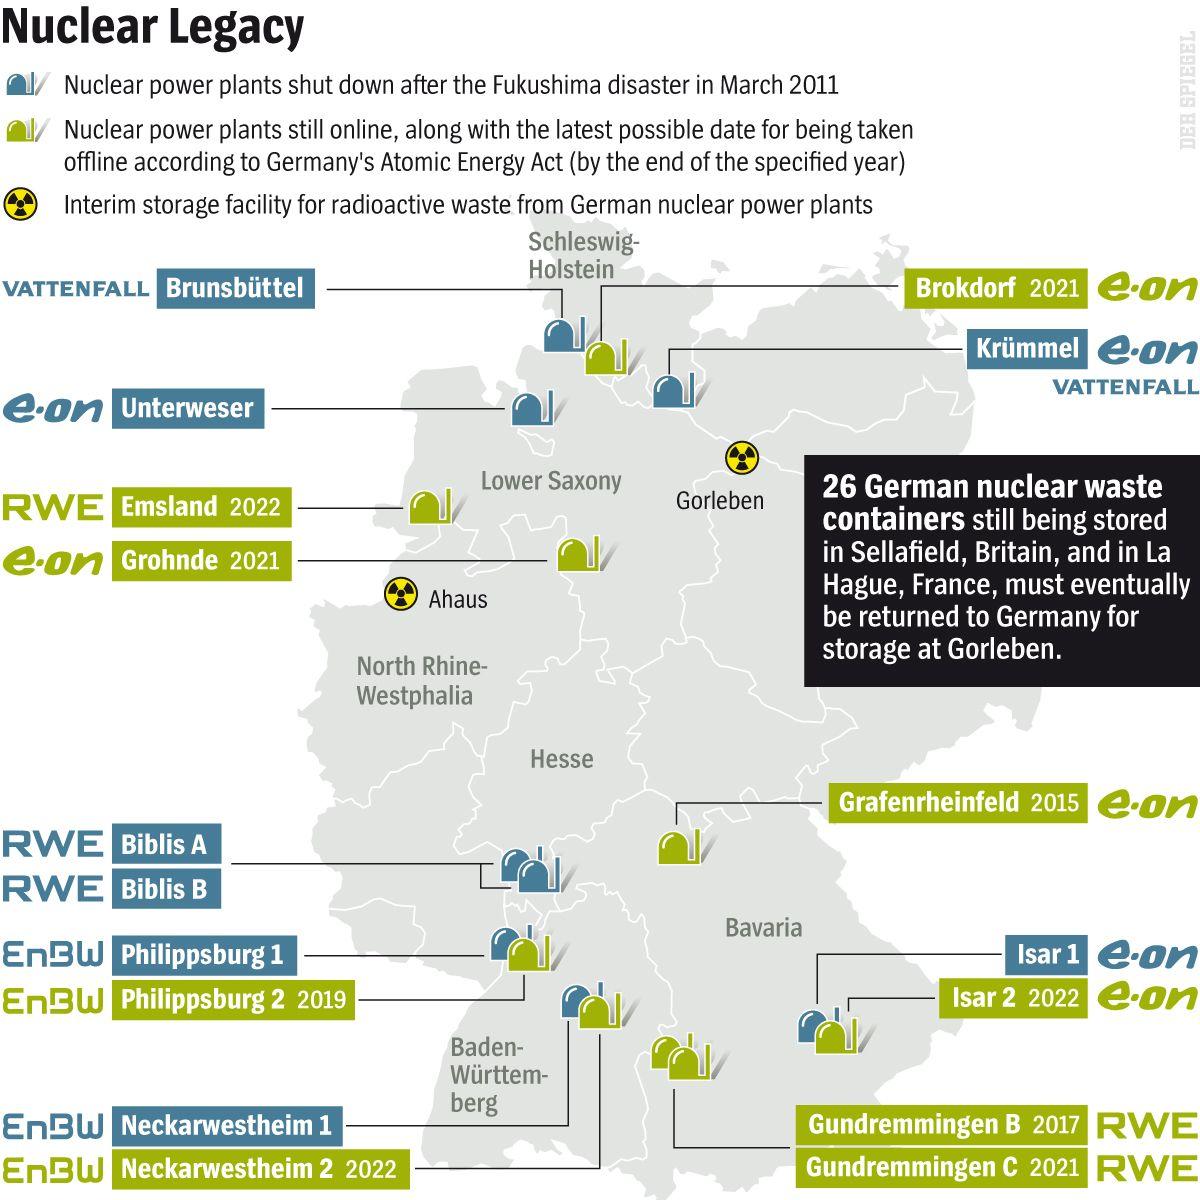 DER SPIEGEL 20-2014 Seite 22 - Nuclear Legacy